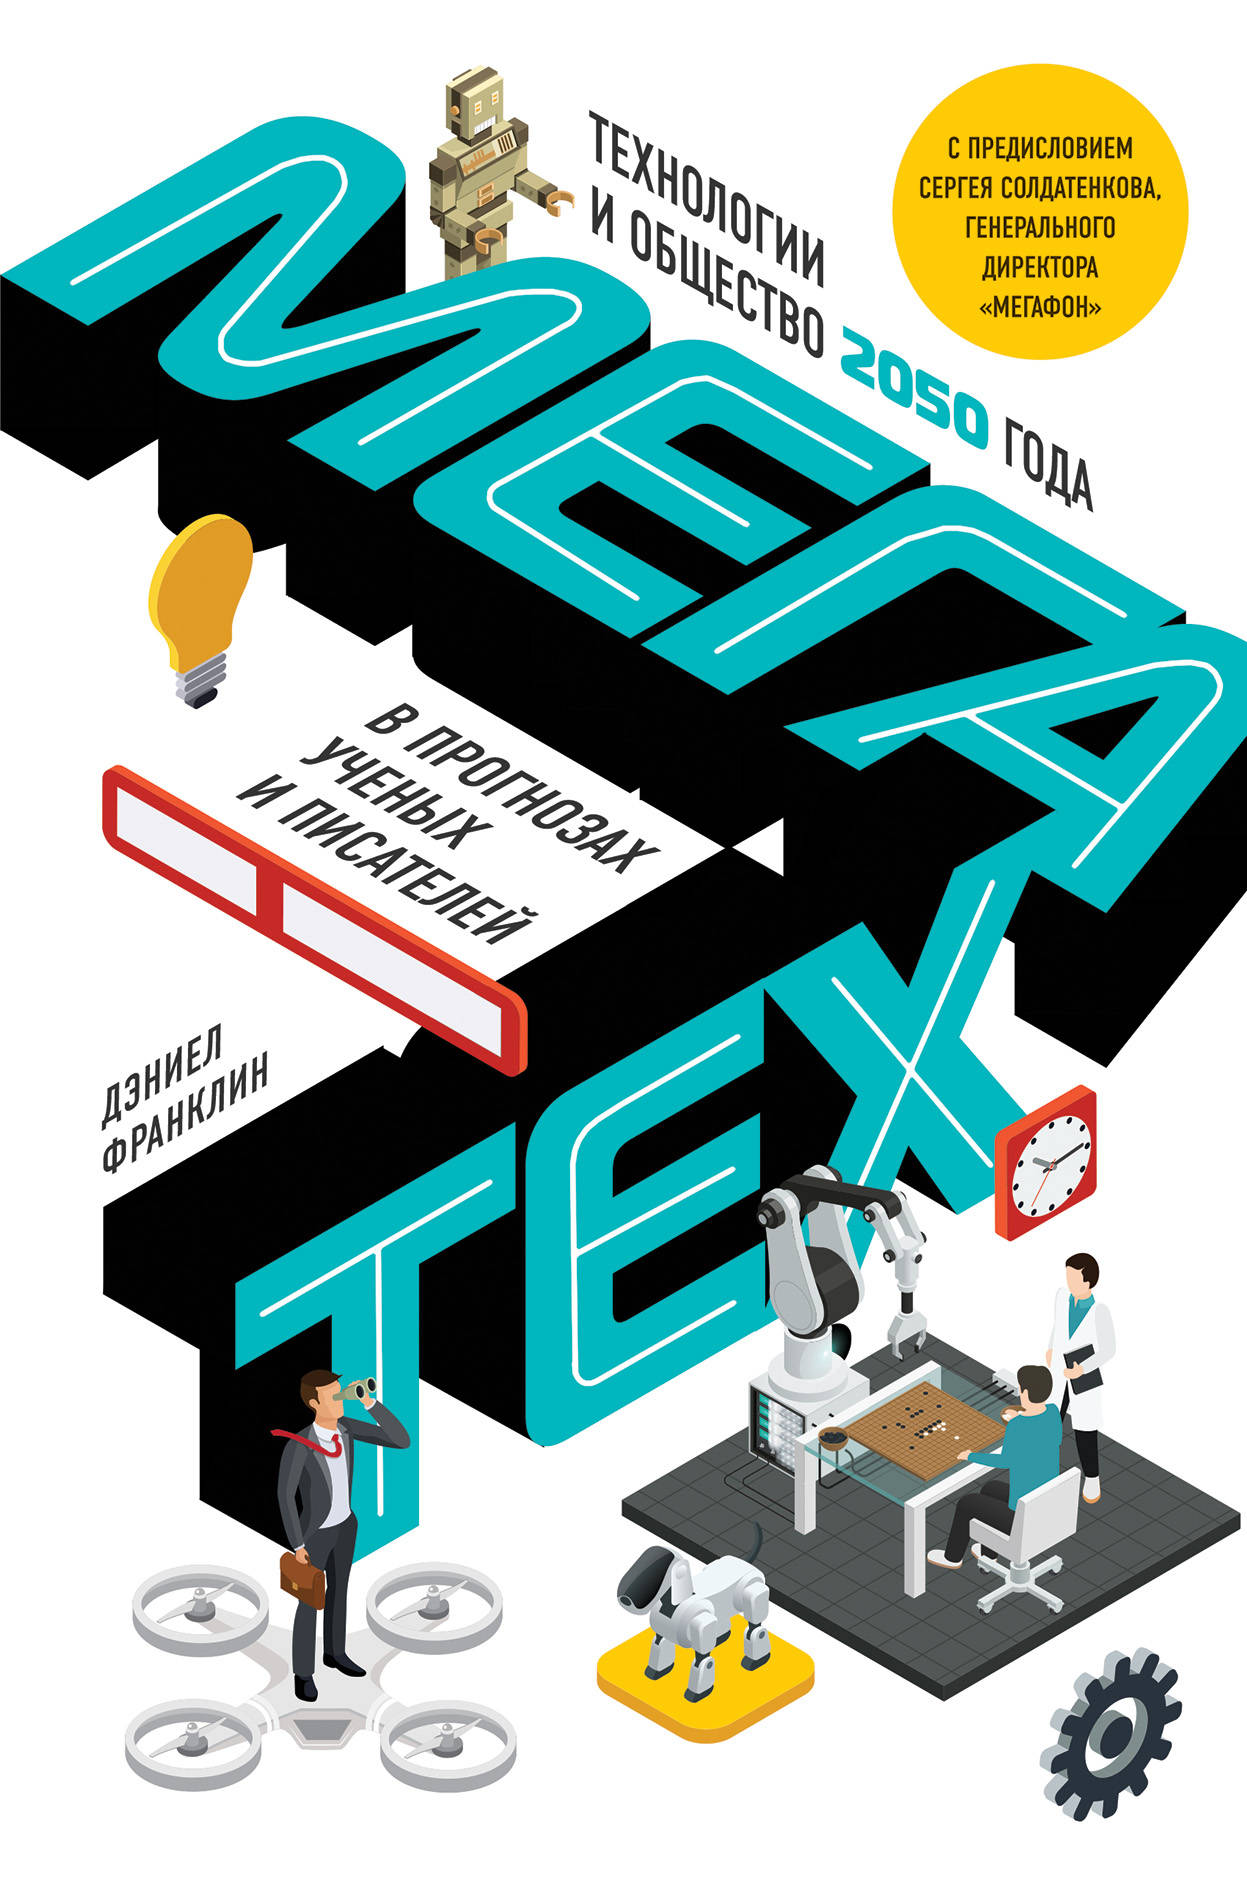 Мегатех. Технологии и общество 2050 года в прогнозах ученых и писателей. Дэниел Франклин